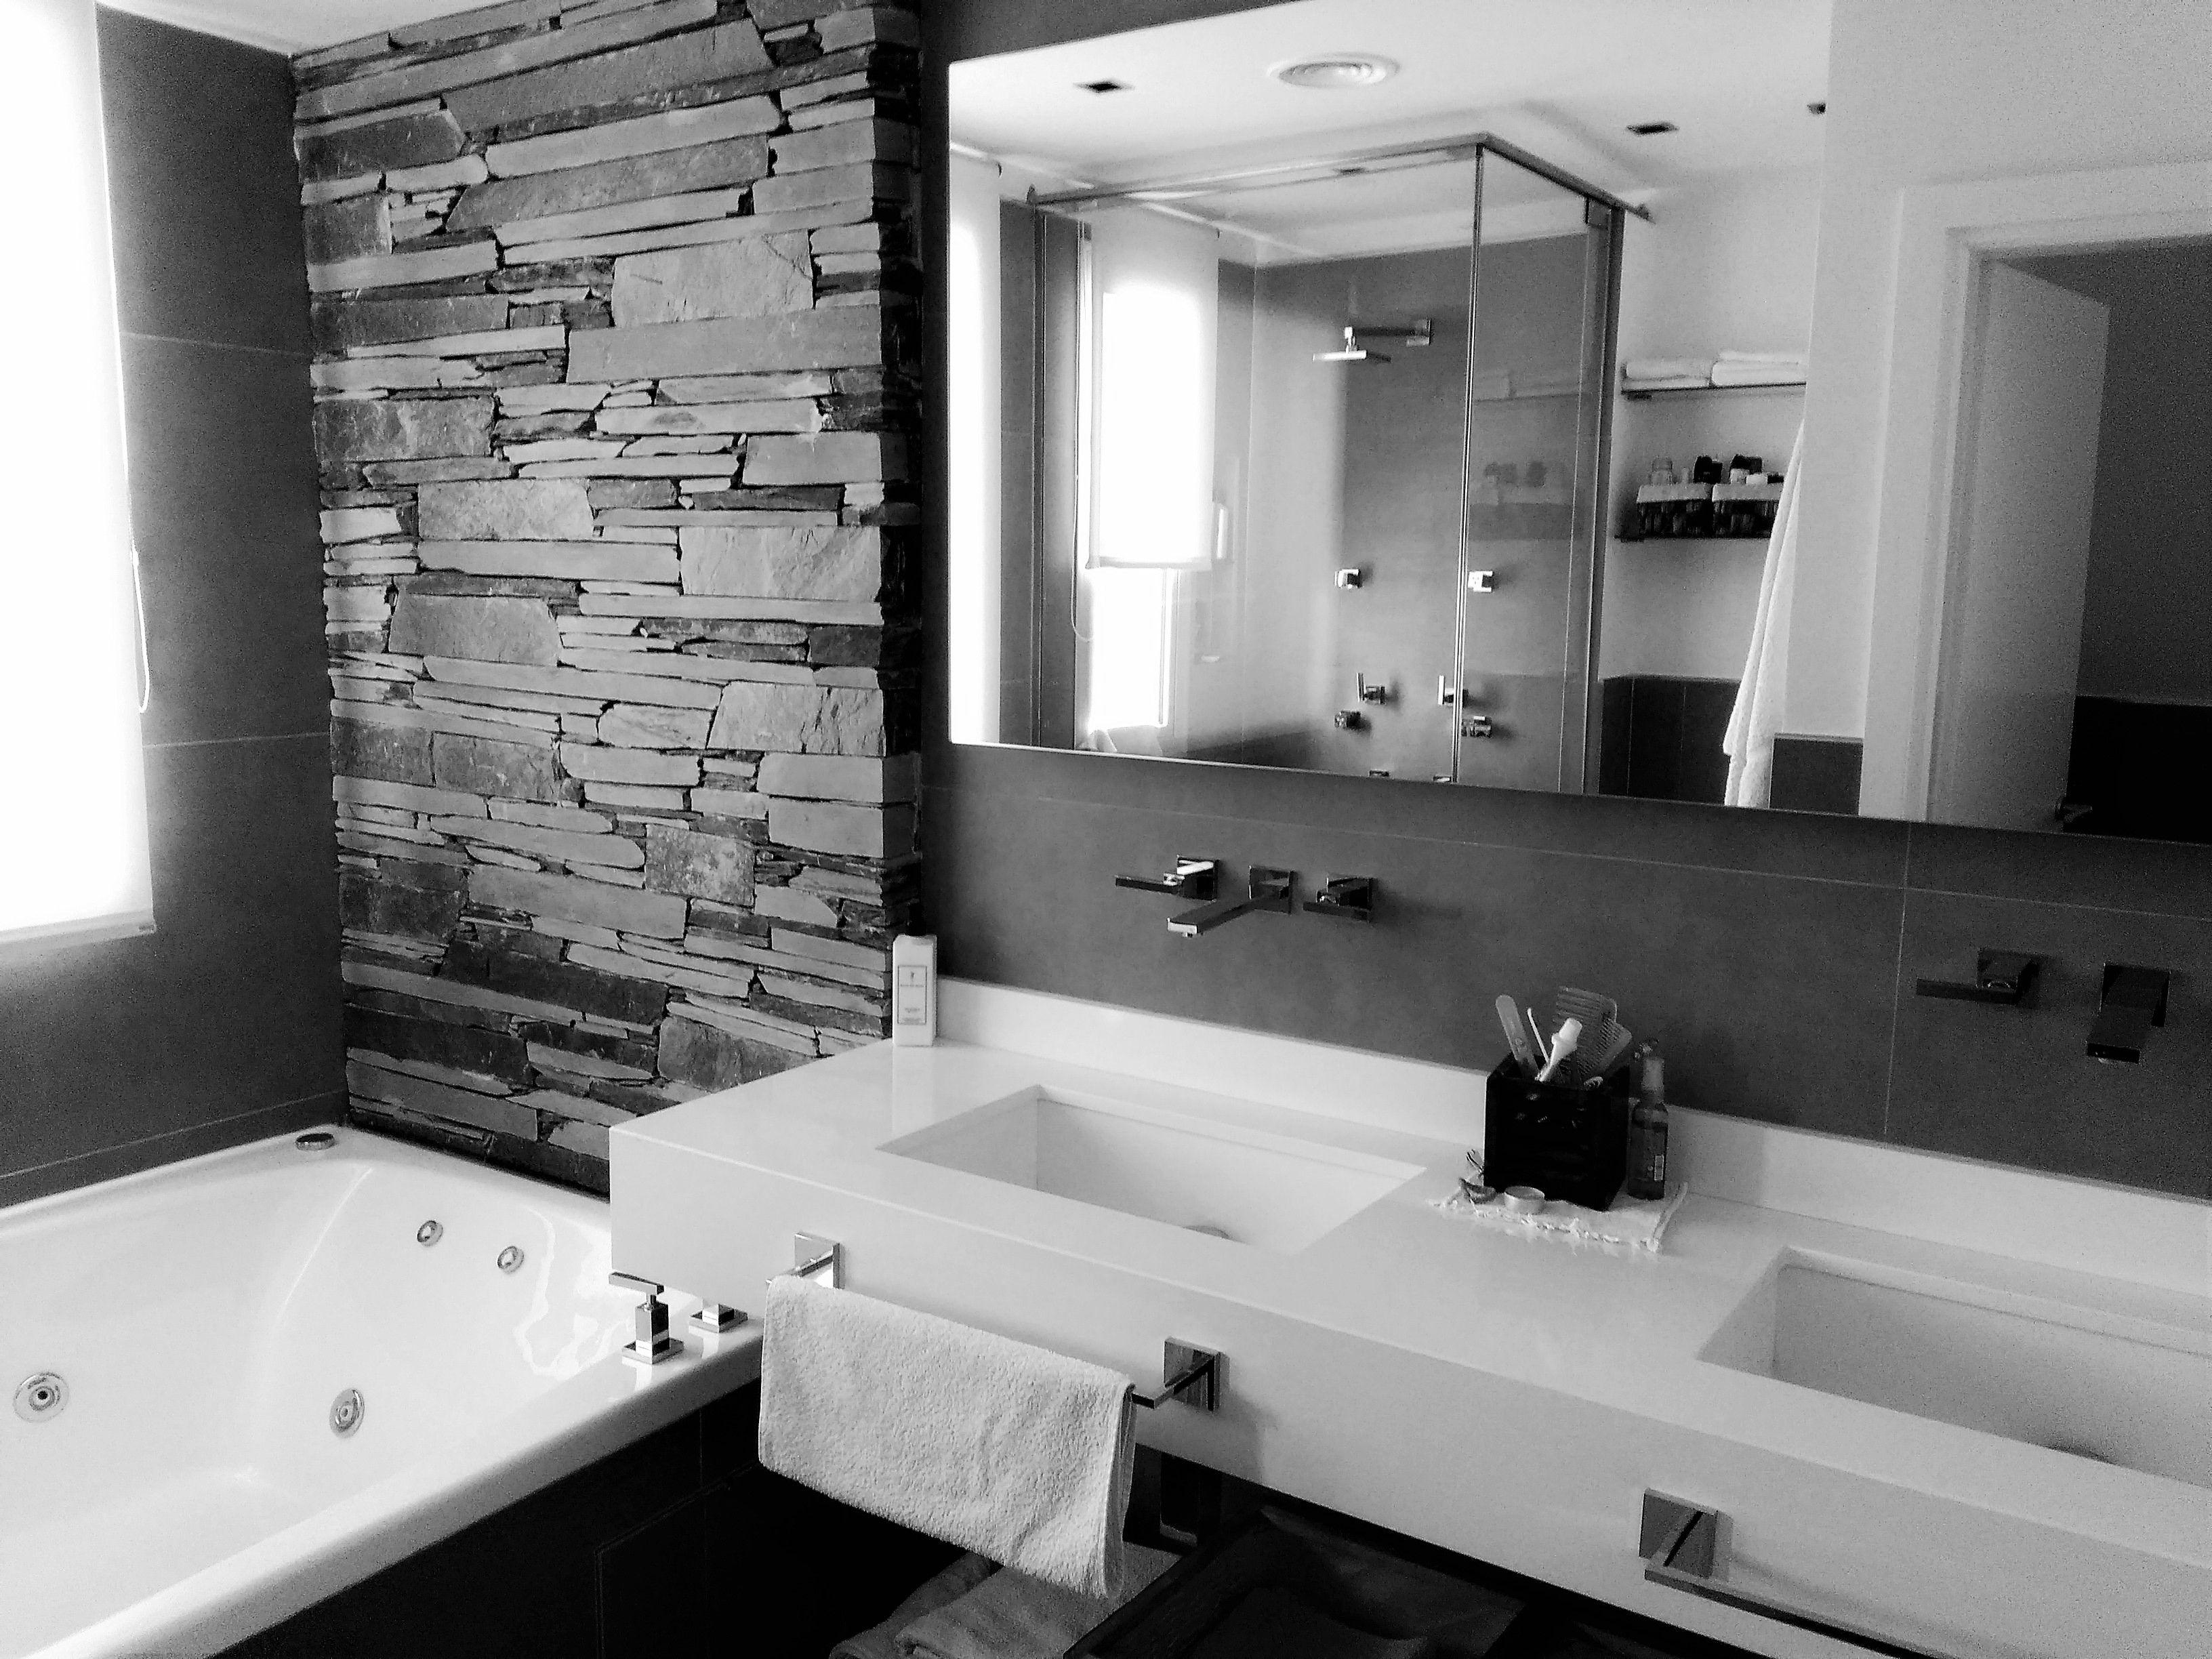 Cuarto de ba o moderno casa country estilo minimalista for Muebles estilo moderno minimalista